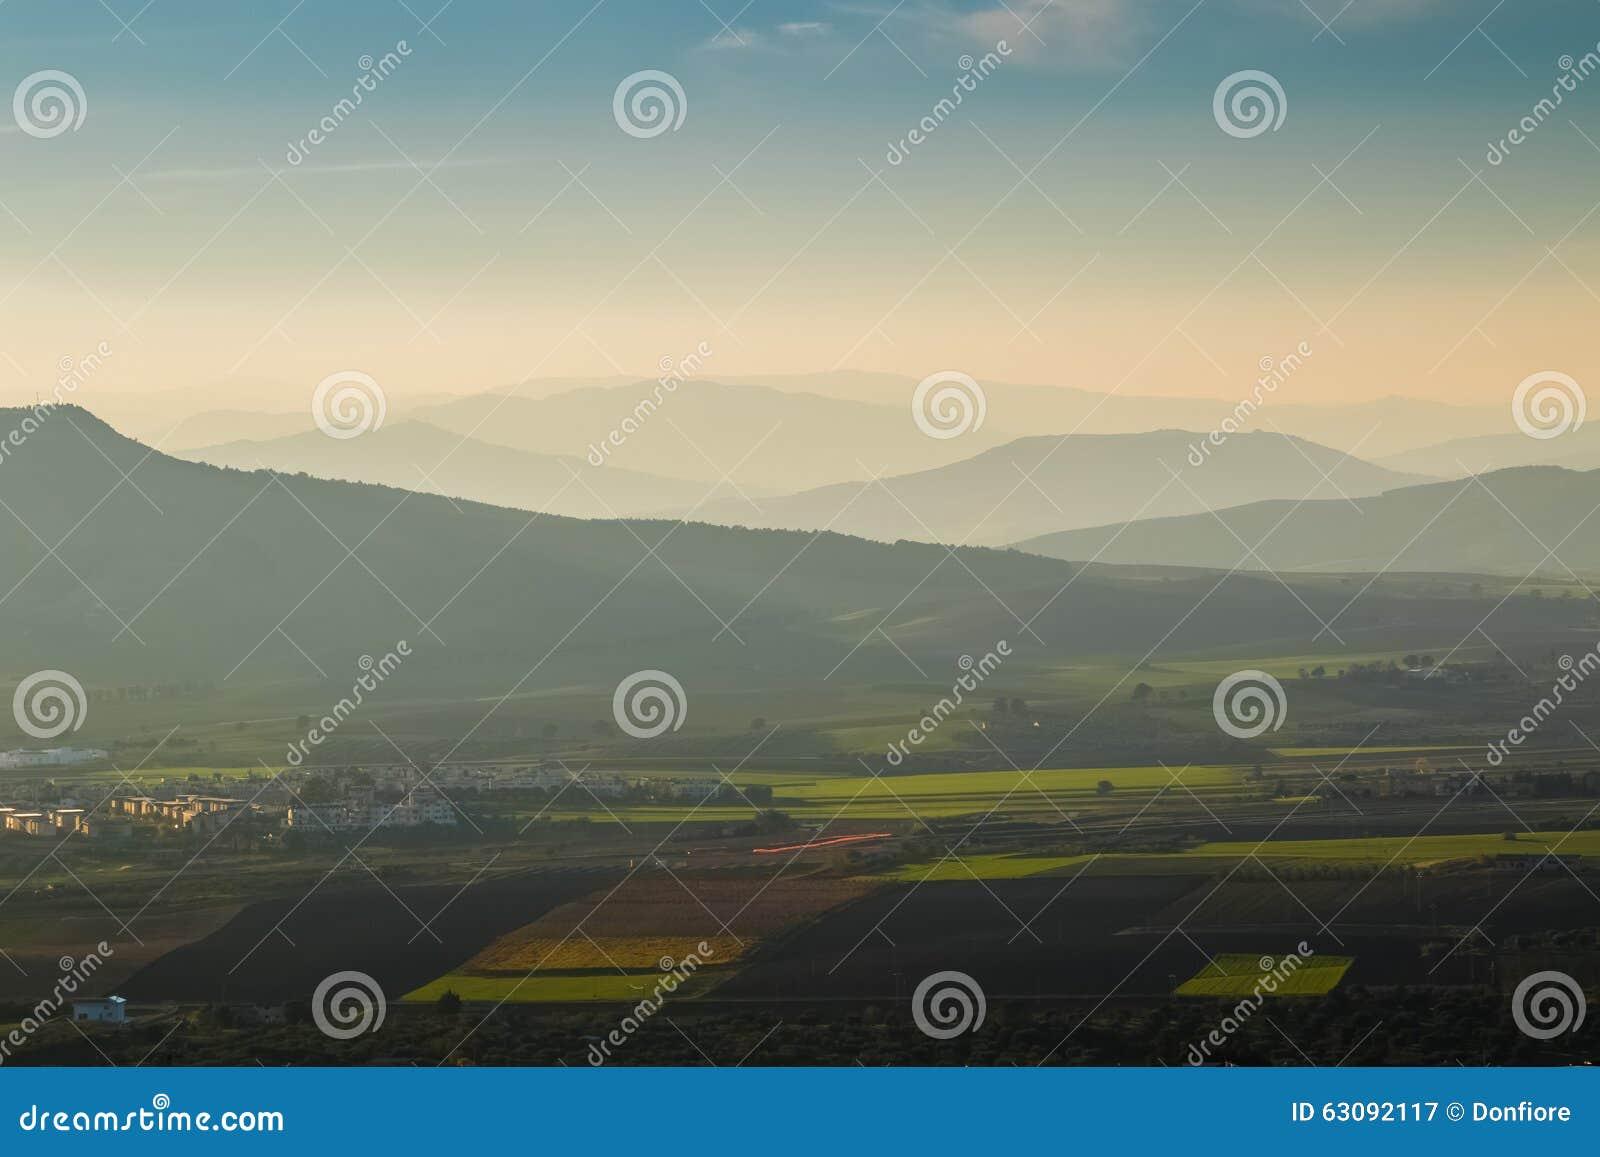 Download Paysage Brumeux Avec Des Montagnes Image stock - Image du spectaculaire, alpe: 63092117